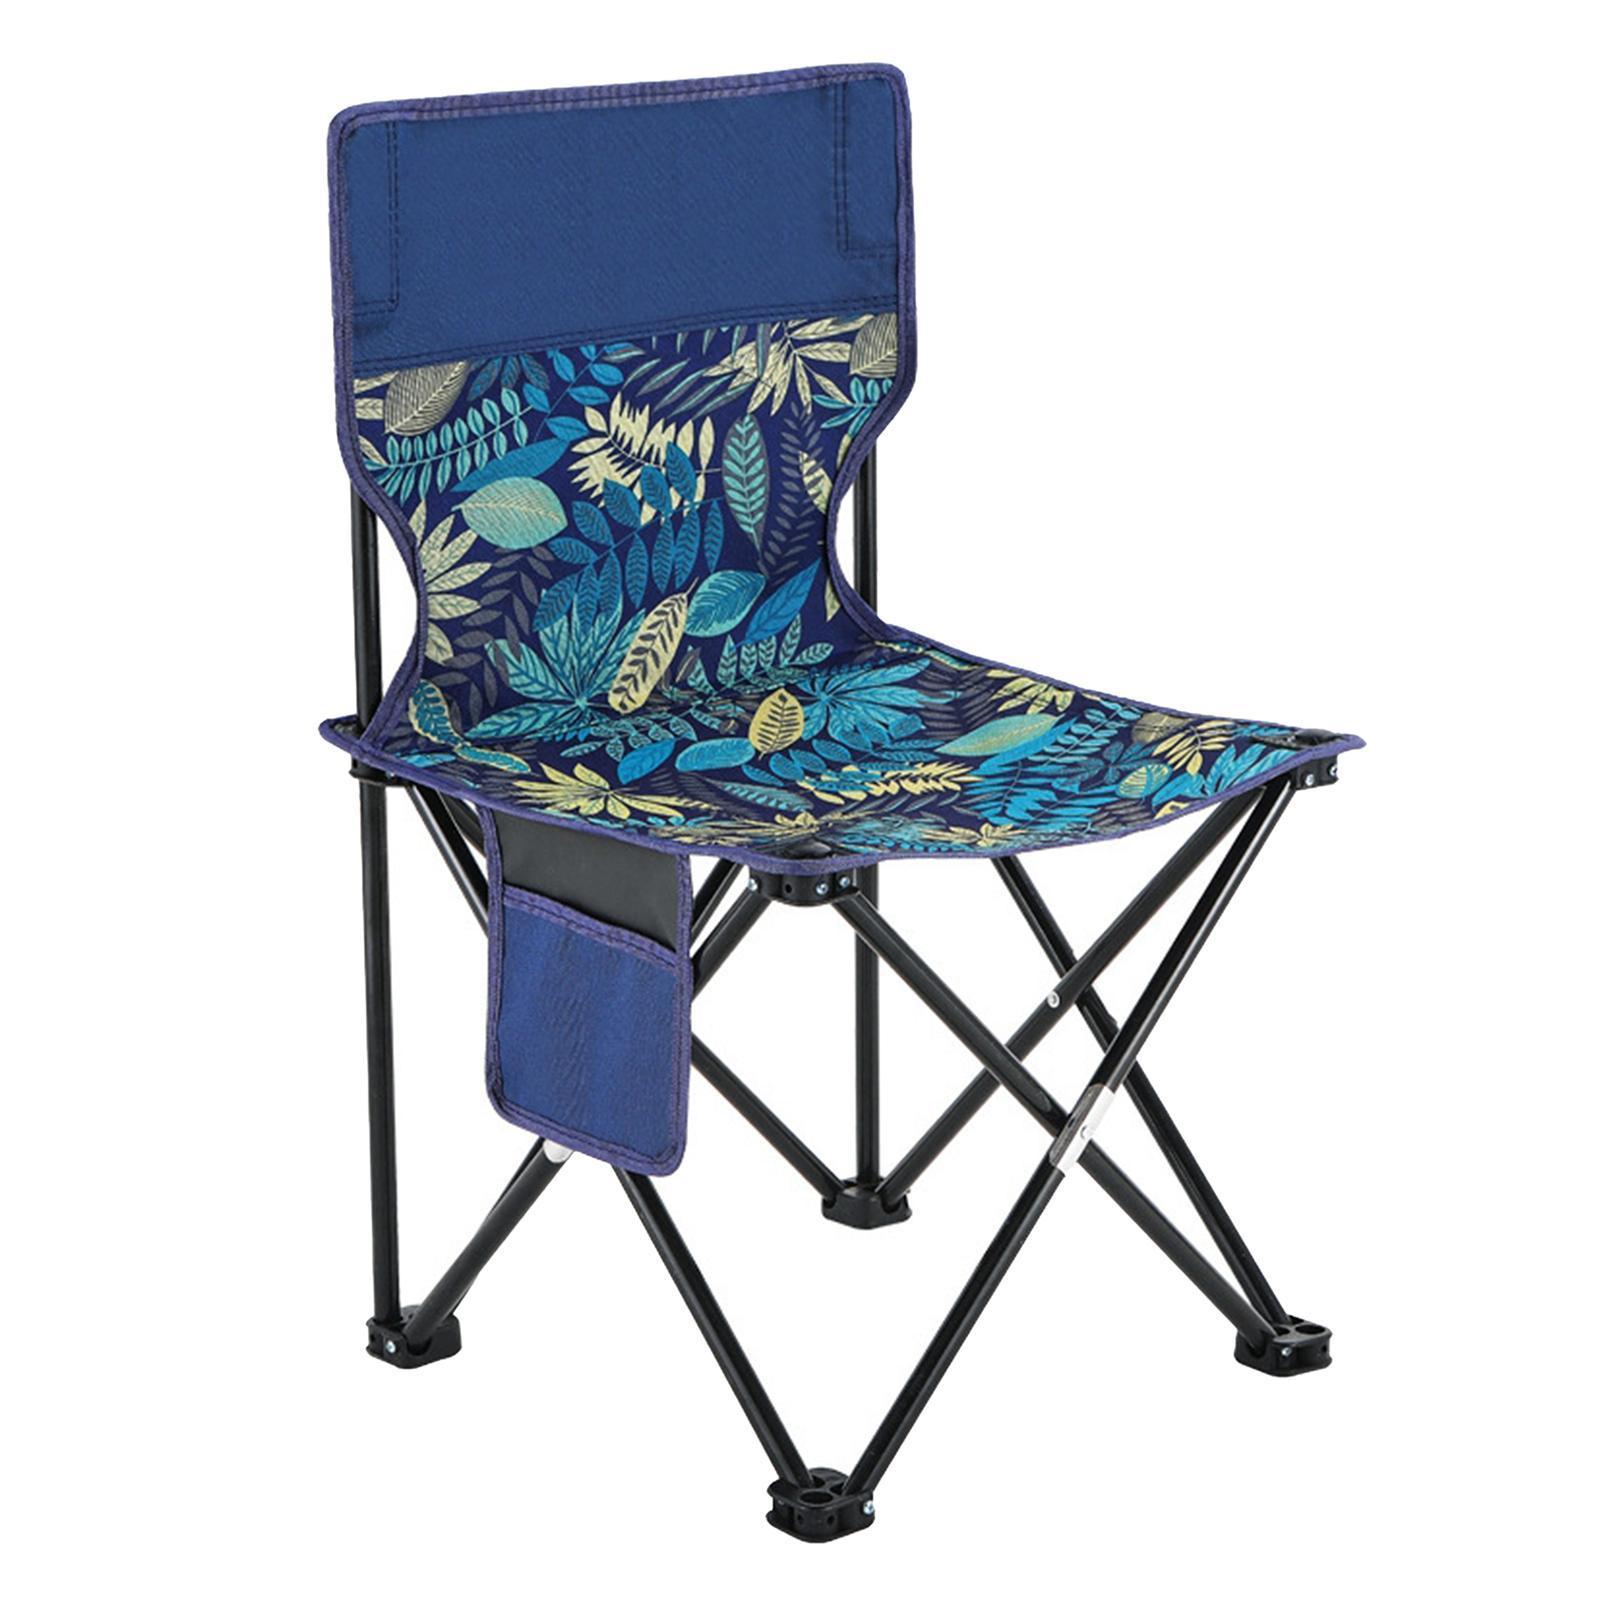 miniatura 7 - Sedia-da-campeggio-pieghevole-Sedia-da-spiaggia-Sgabello-da-pesca-Picnic-Outdoor